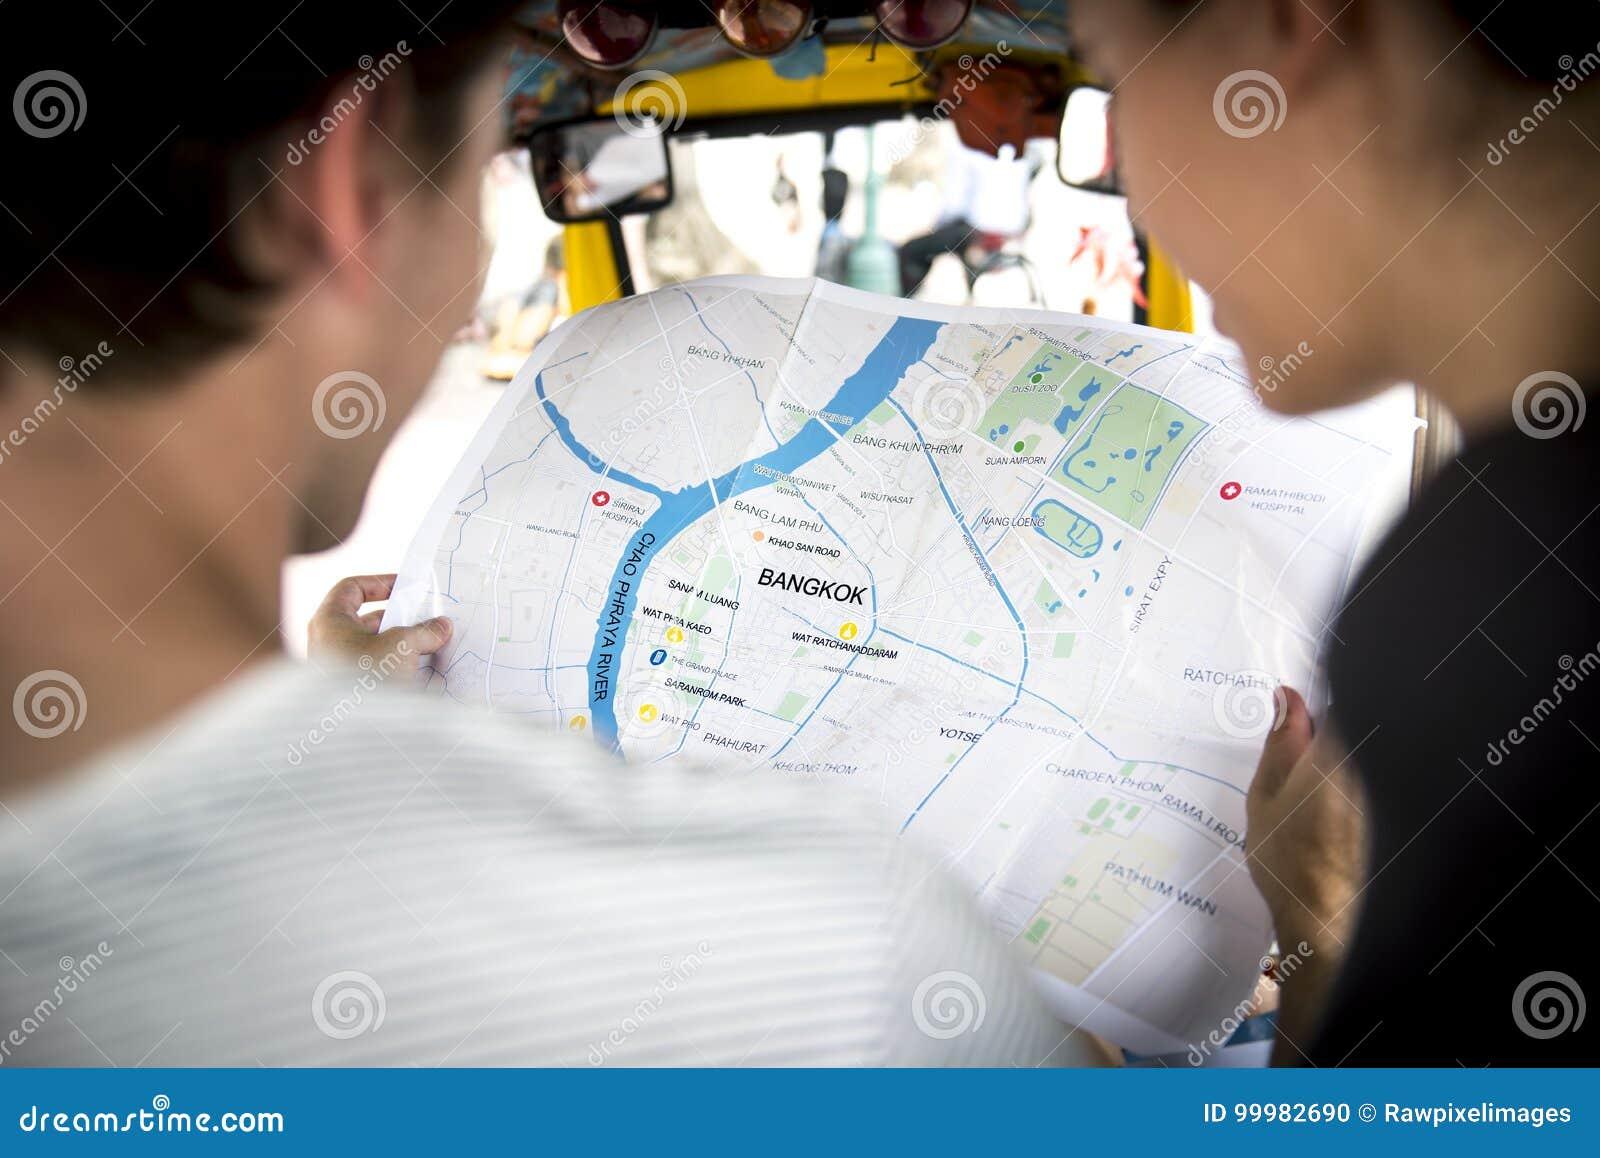 Rear view of people checking using Bangkok Thailand map